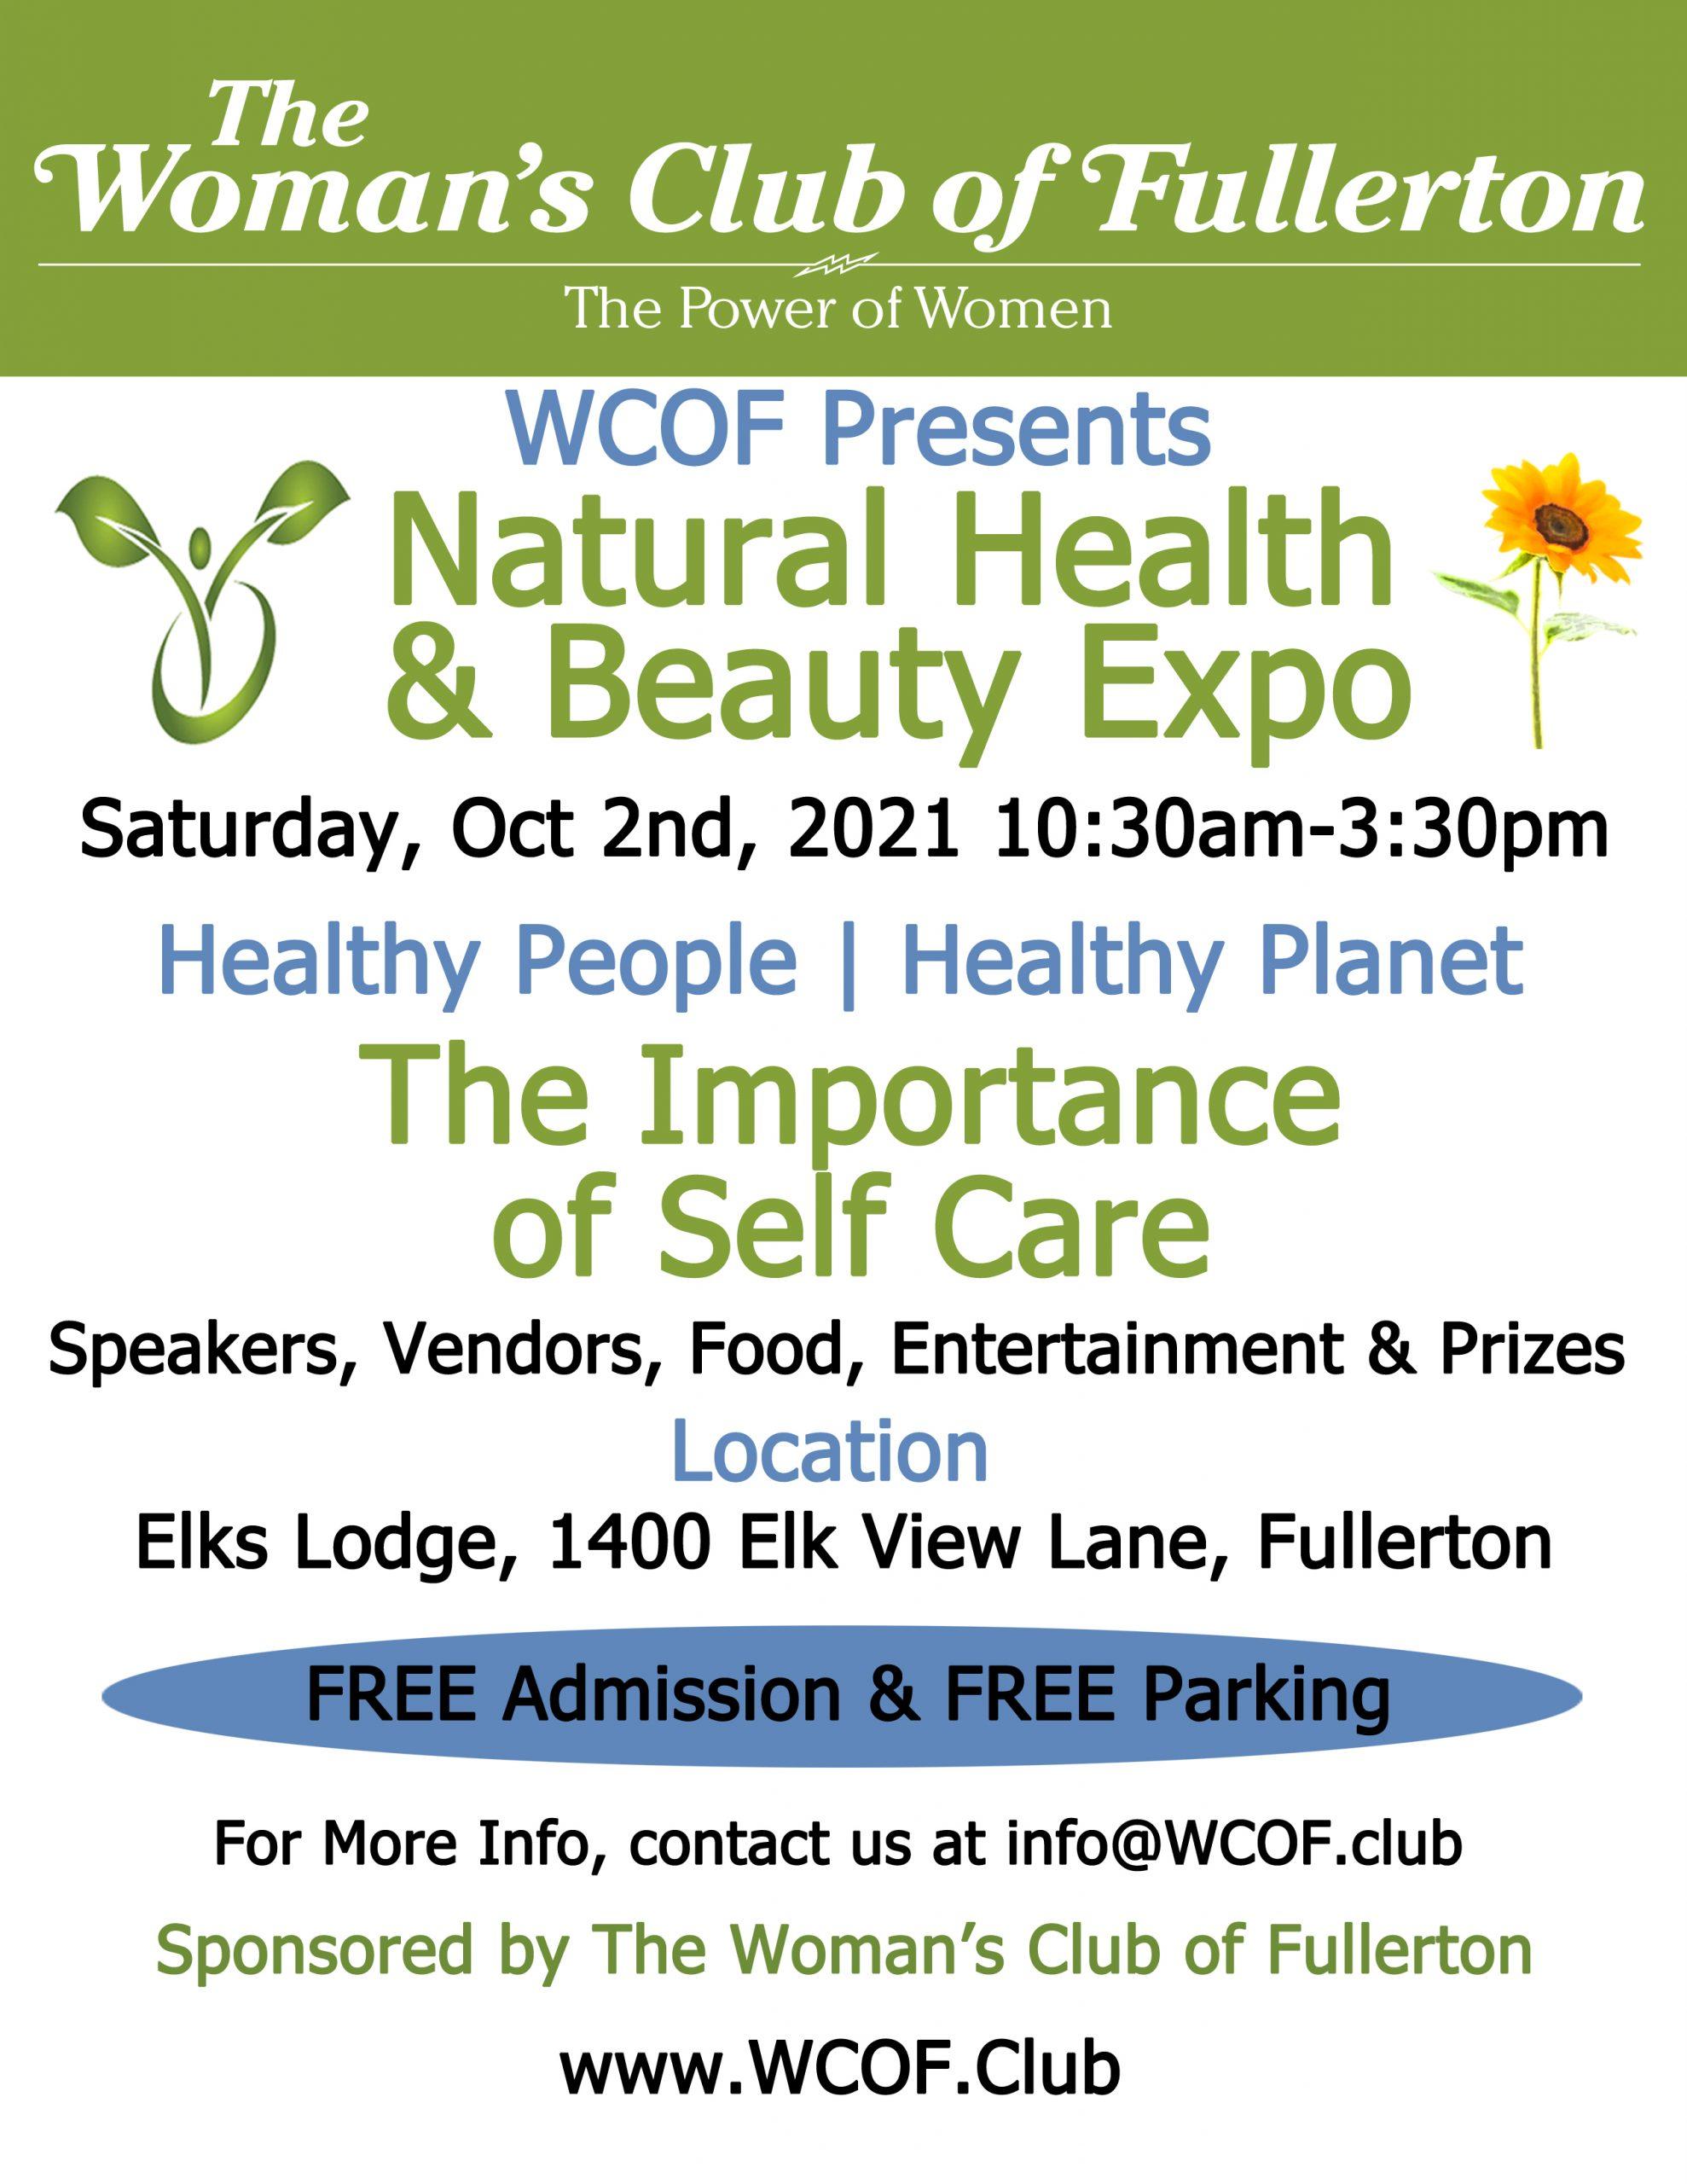 WCOF Health and Beauty Expo 2021